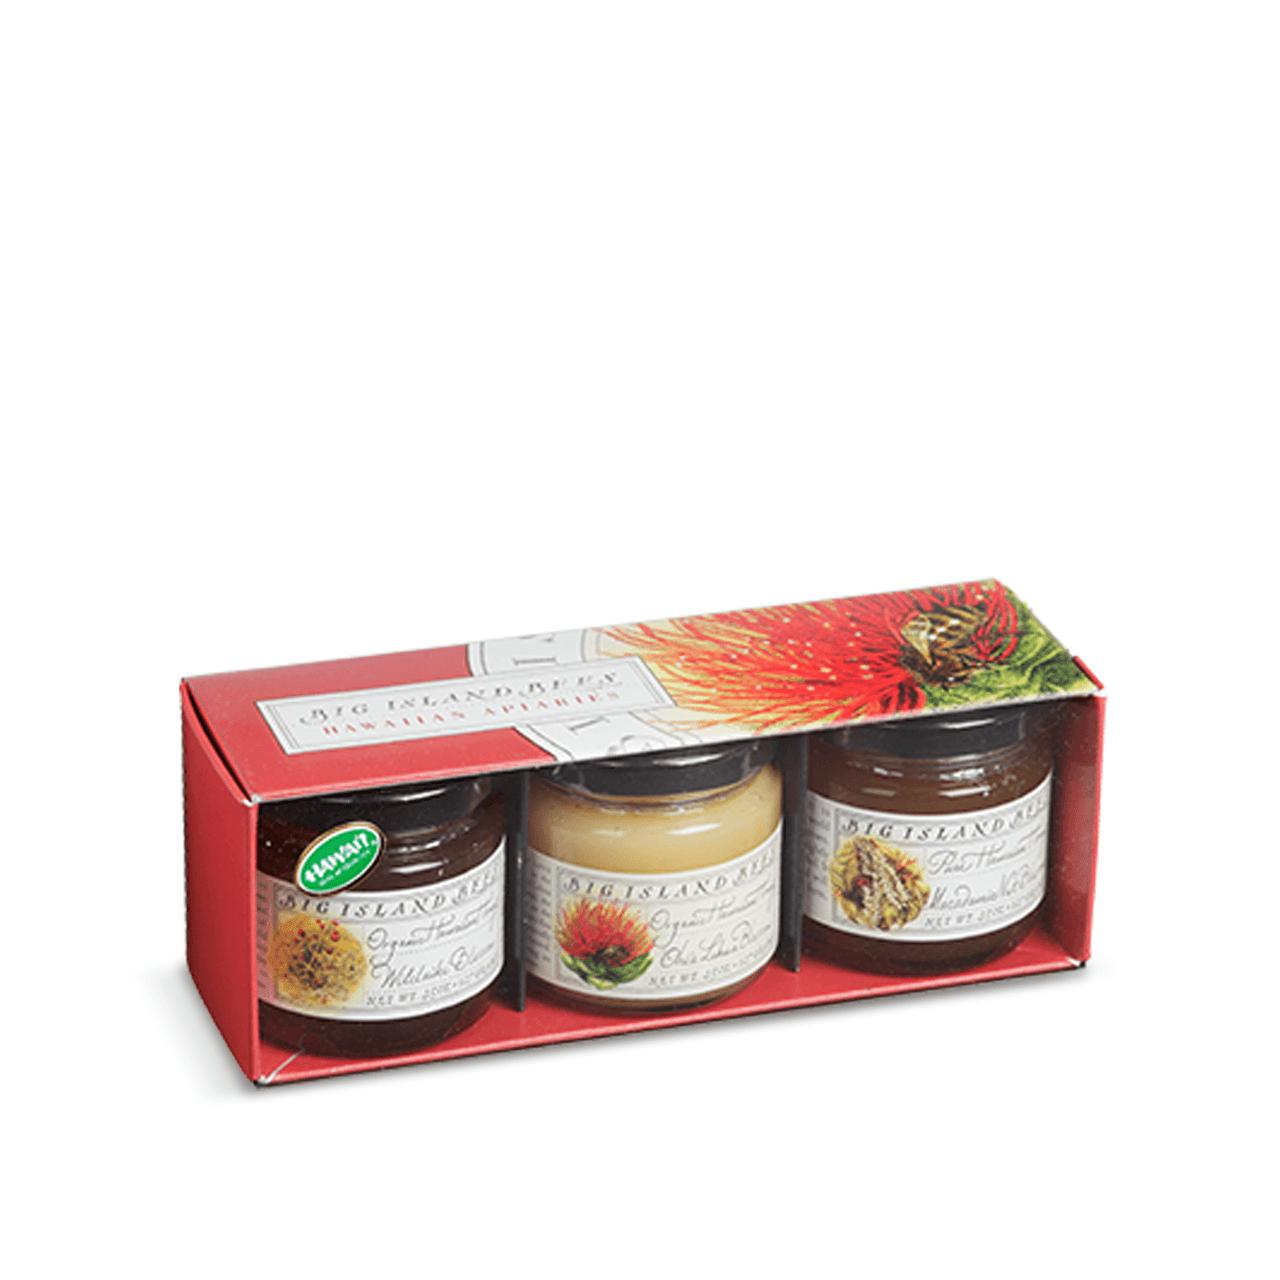 Big Island Bees Organic Hawaiian Honey Gift Set